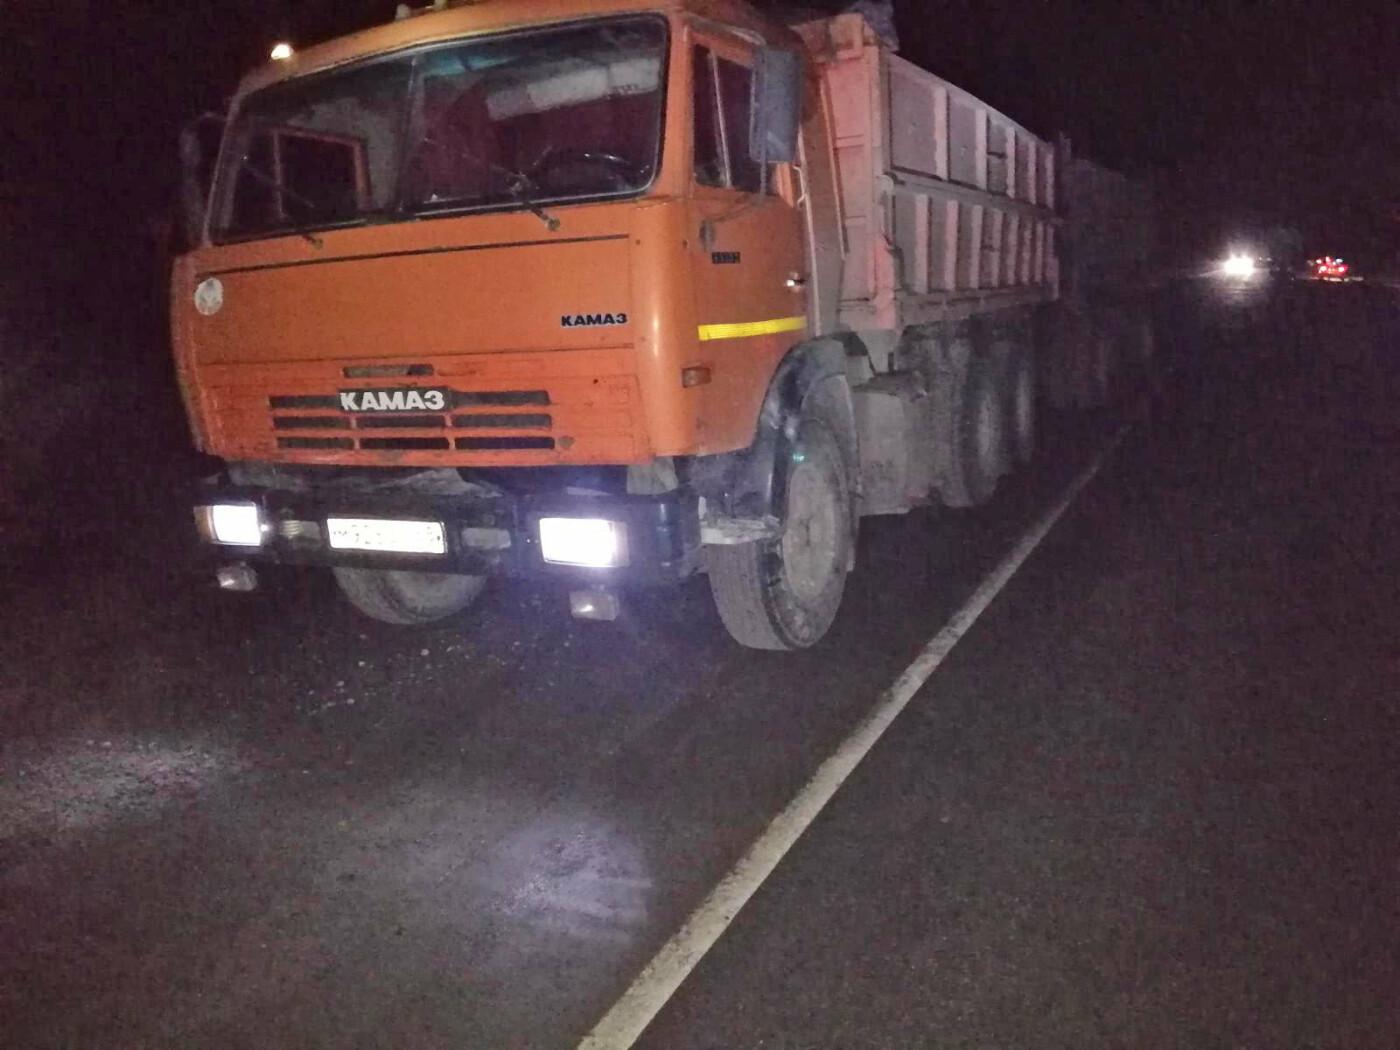 На трассе «Тамбов-Пенза» произошло тройное ДТП – один автомобиль загорелся, погиб человек, еще трое пострадали, фото-3